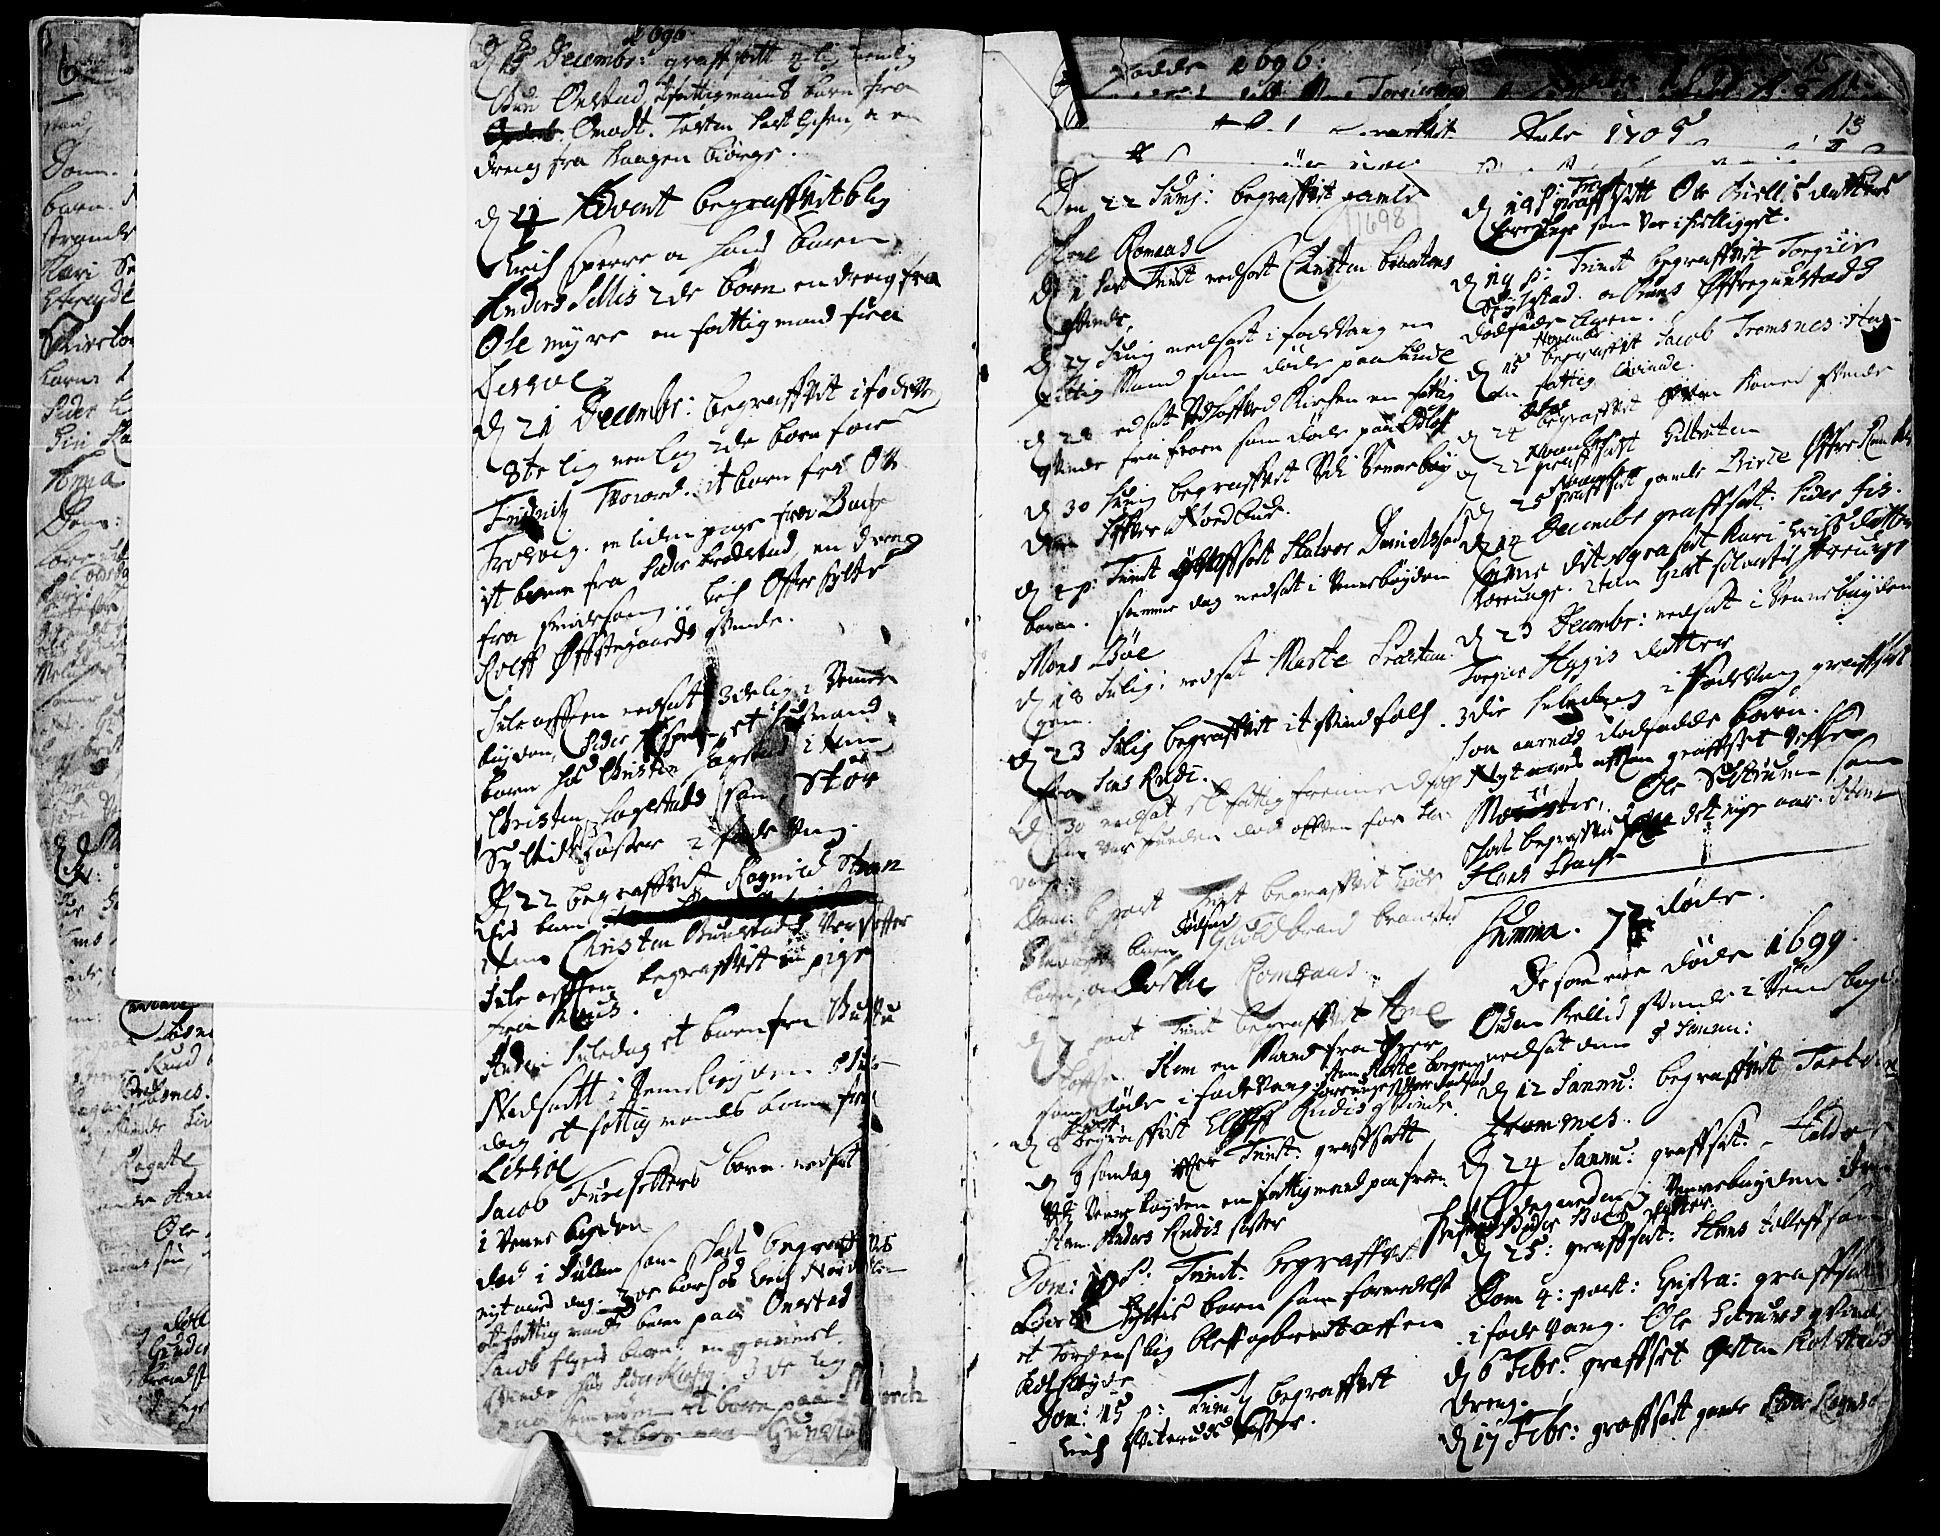 SAH, Ringebu prestekontor, Parish register (official) no. 1, 1696-1733, p. 8-9